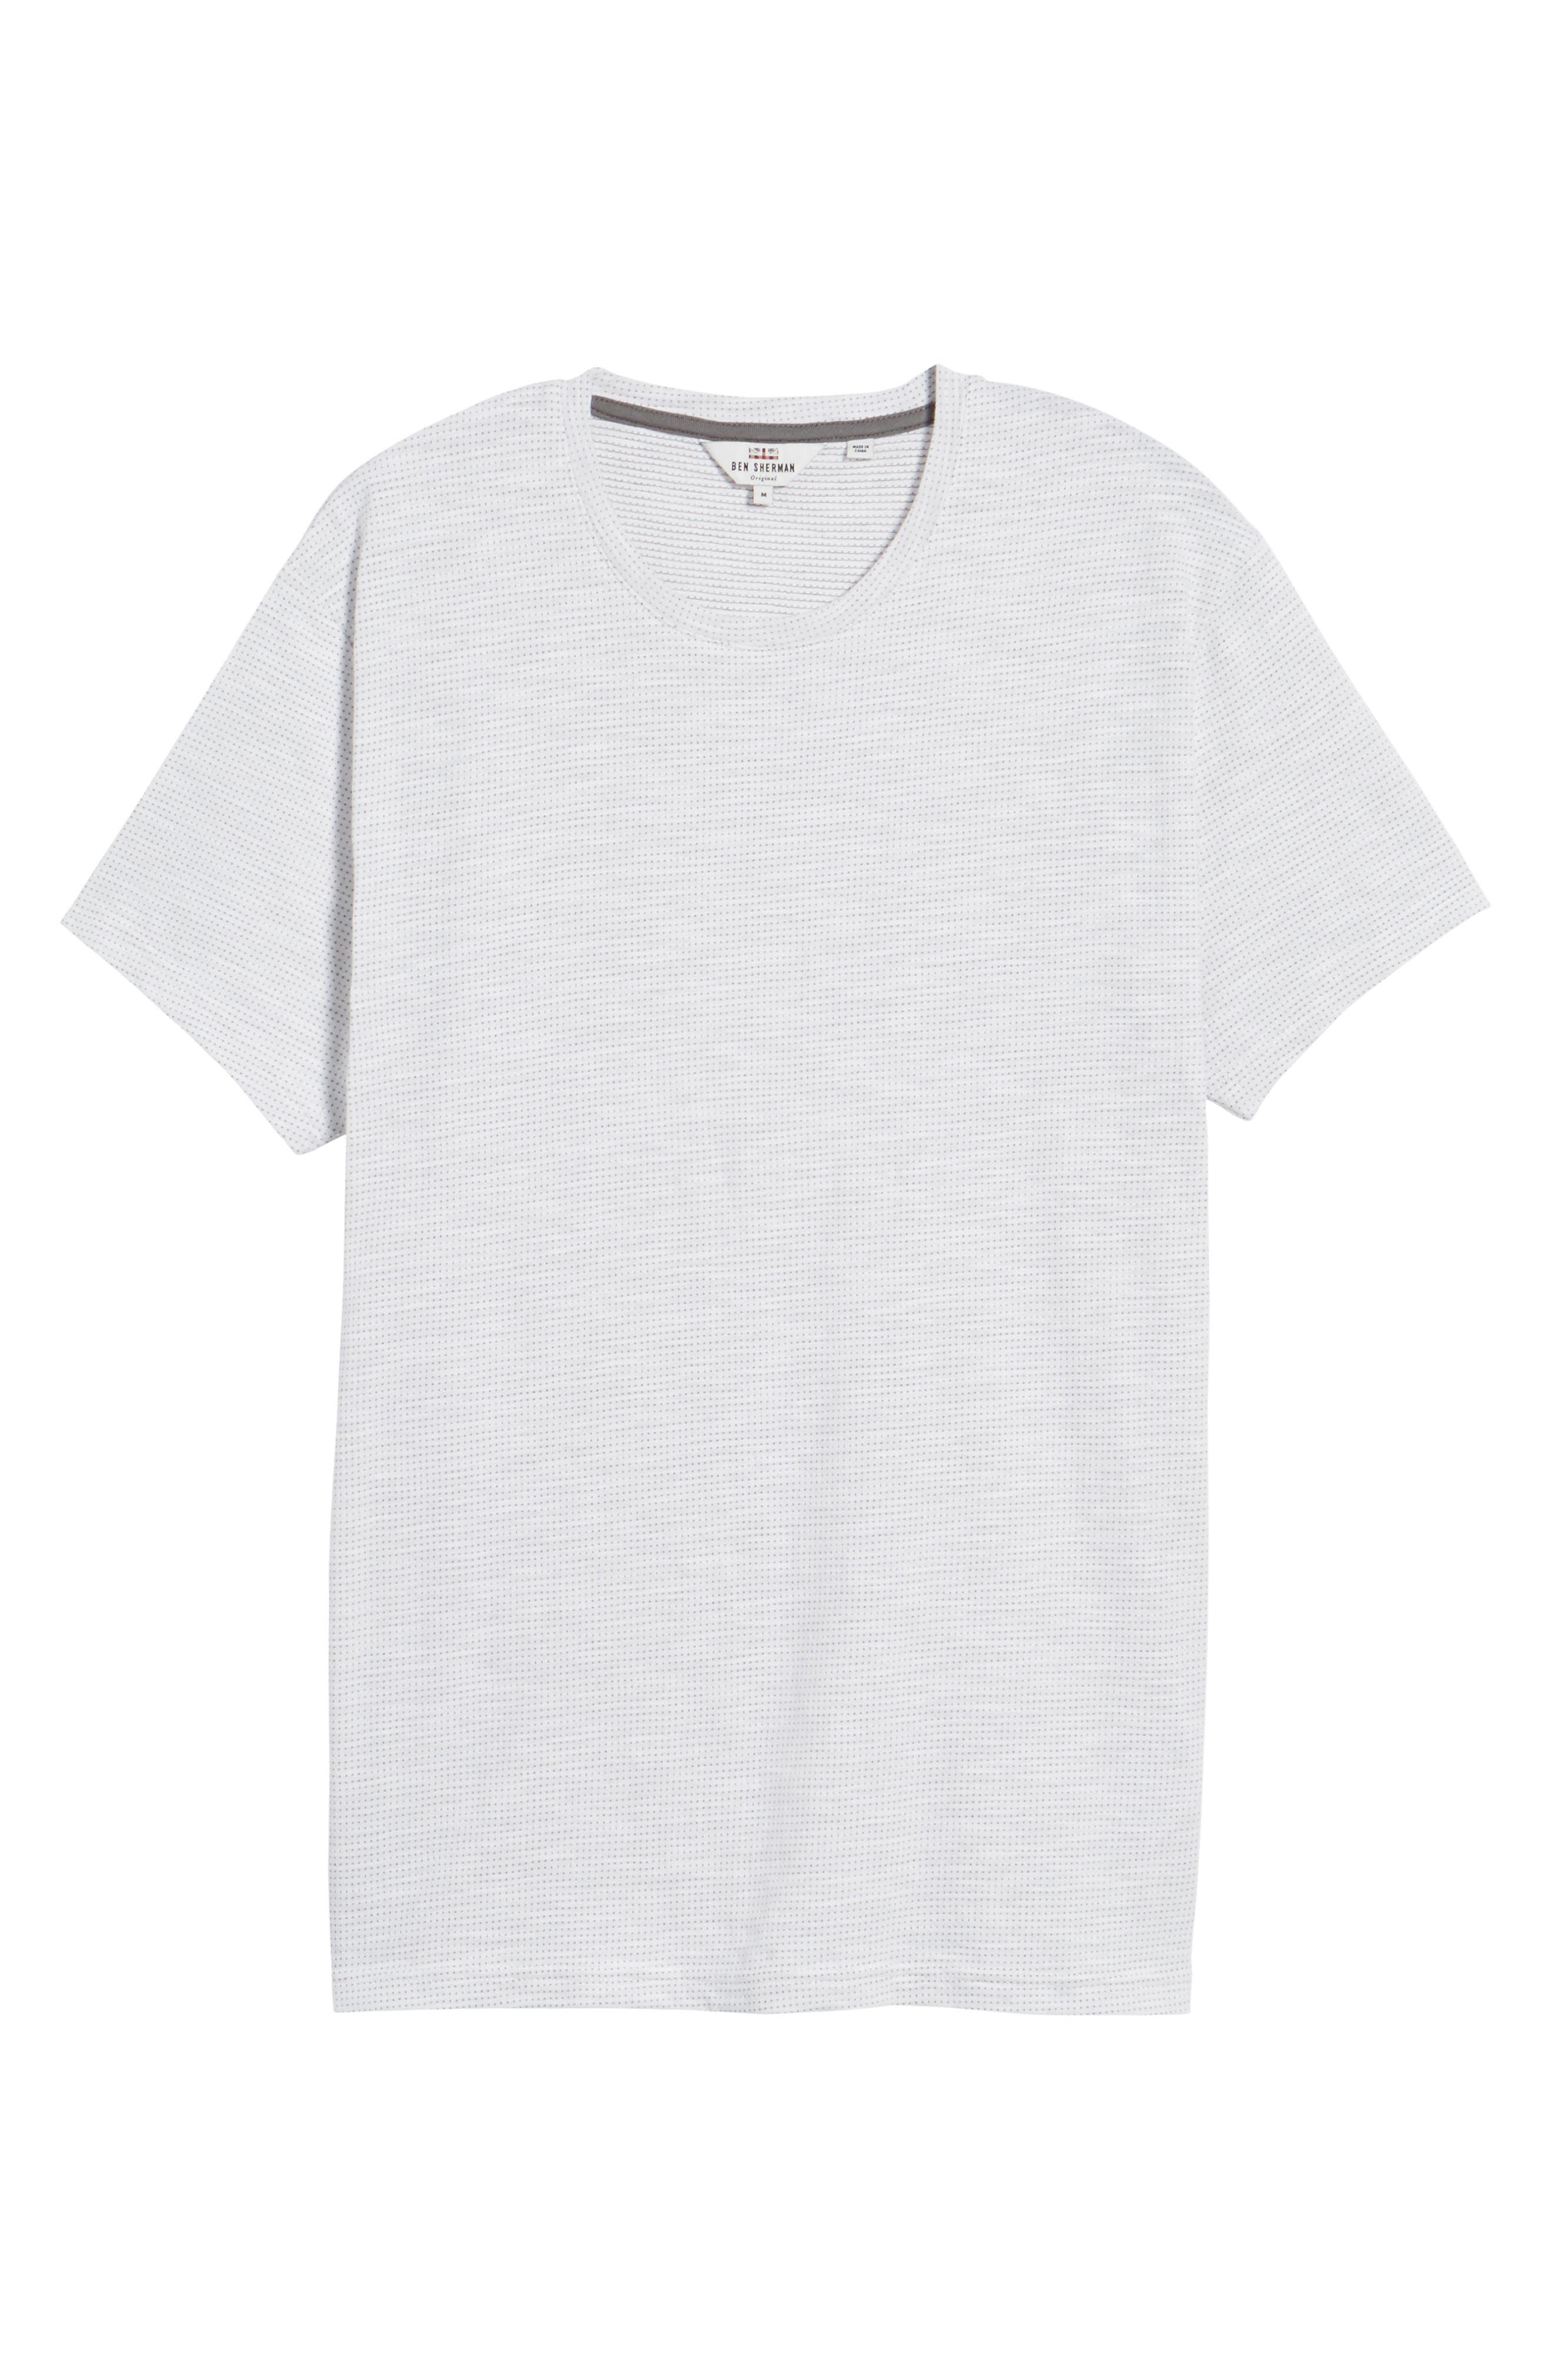 Slub Jacquard T-Shirt,                             Alternate thumbnail 6, color,                             111